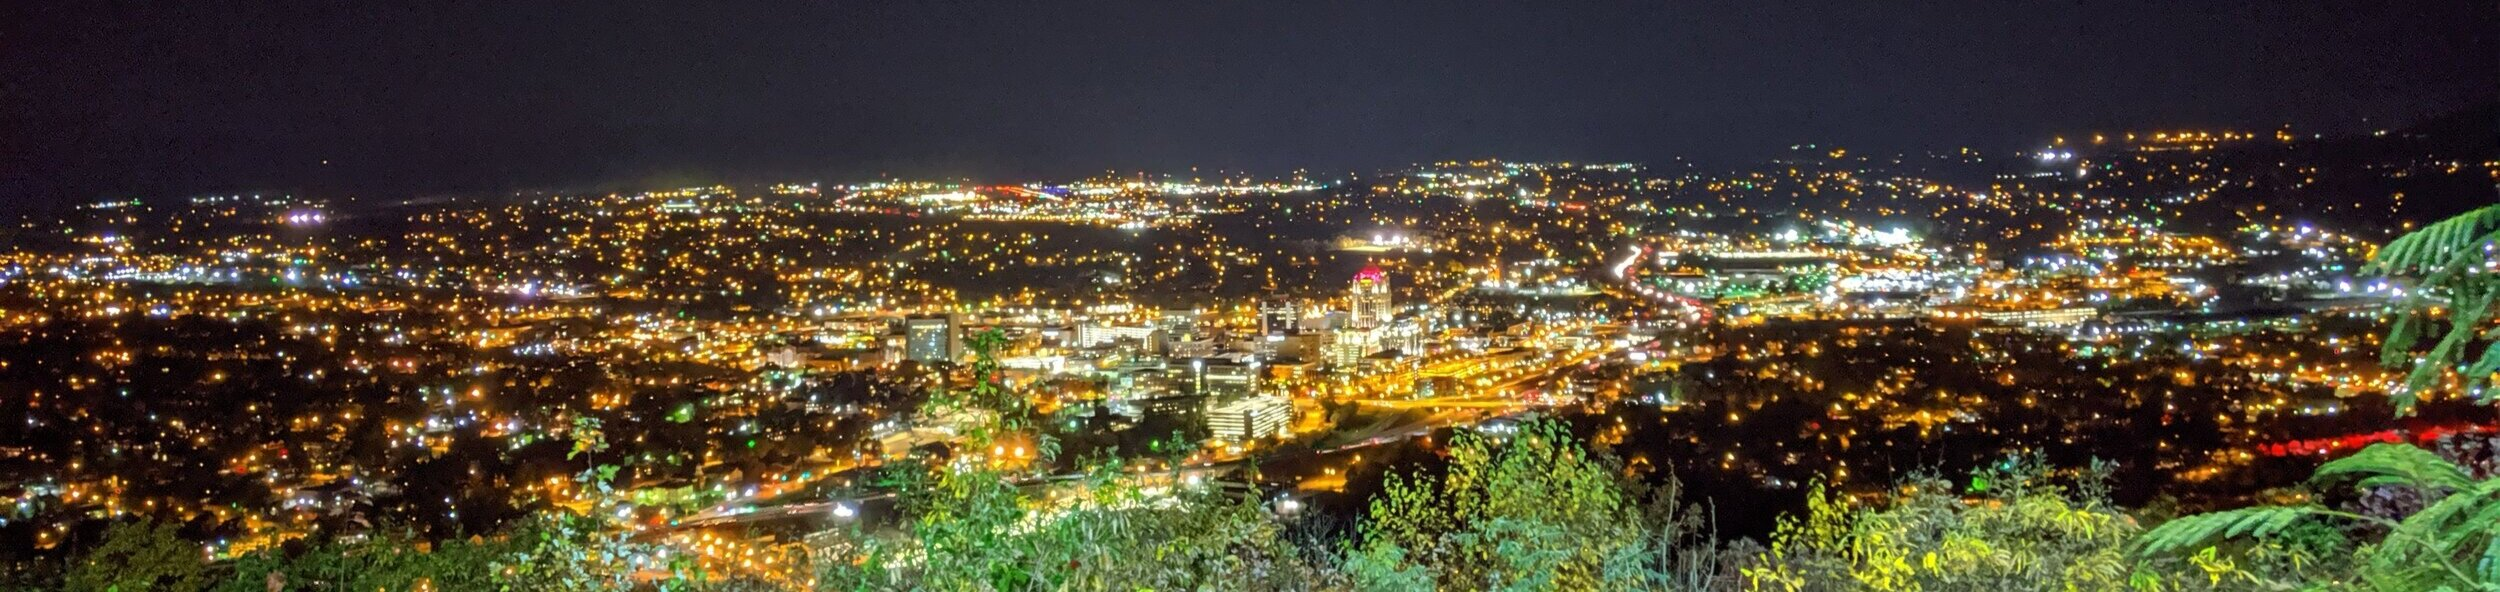 The view of Roanoke below.